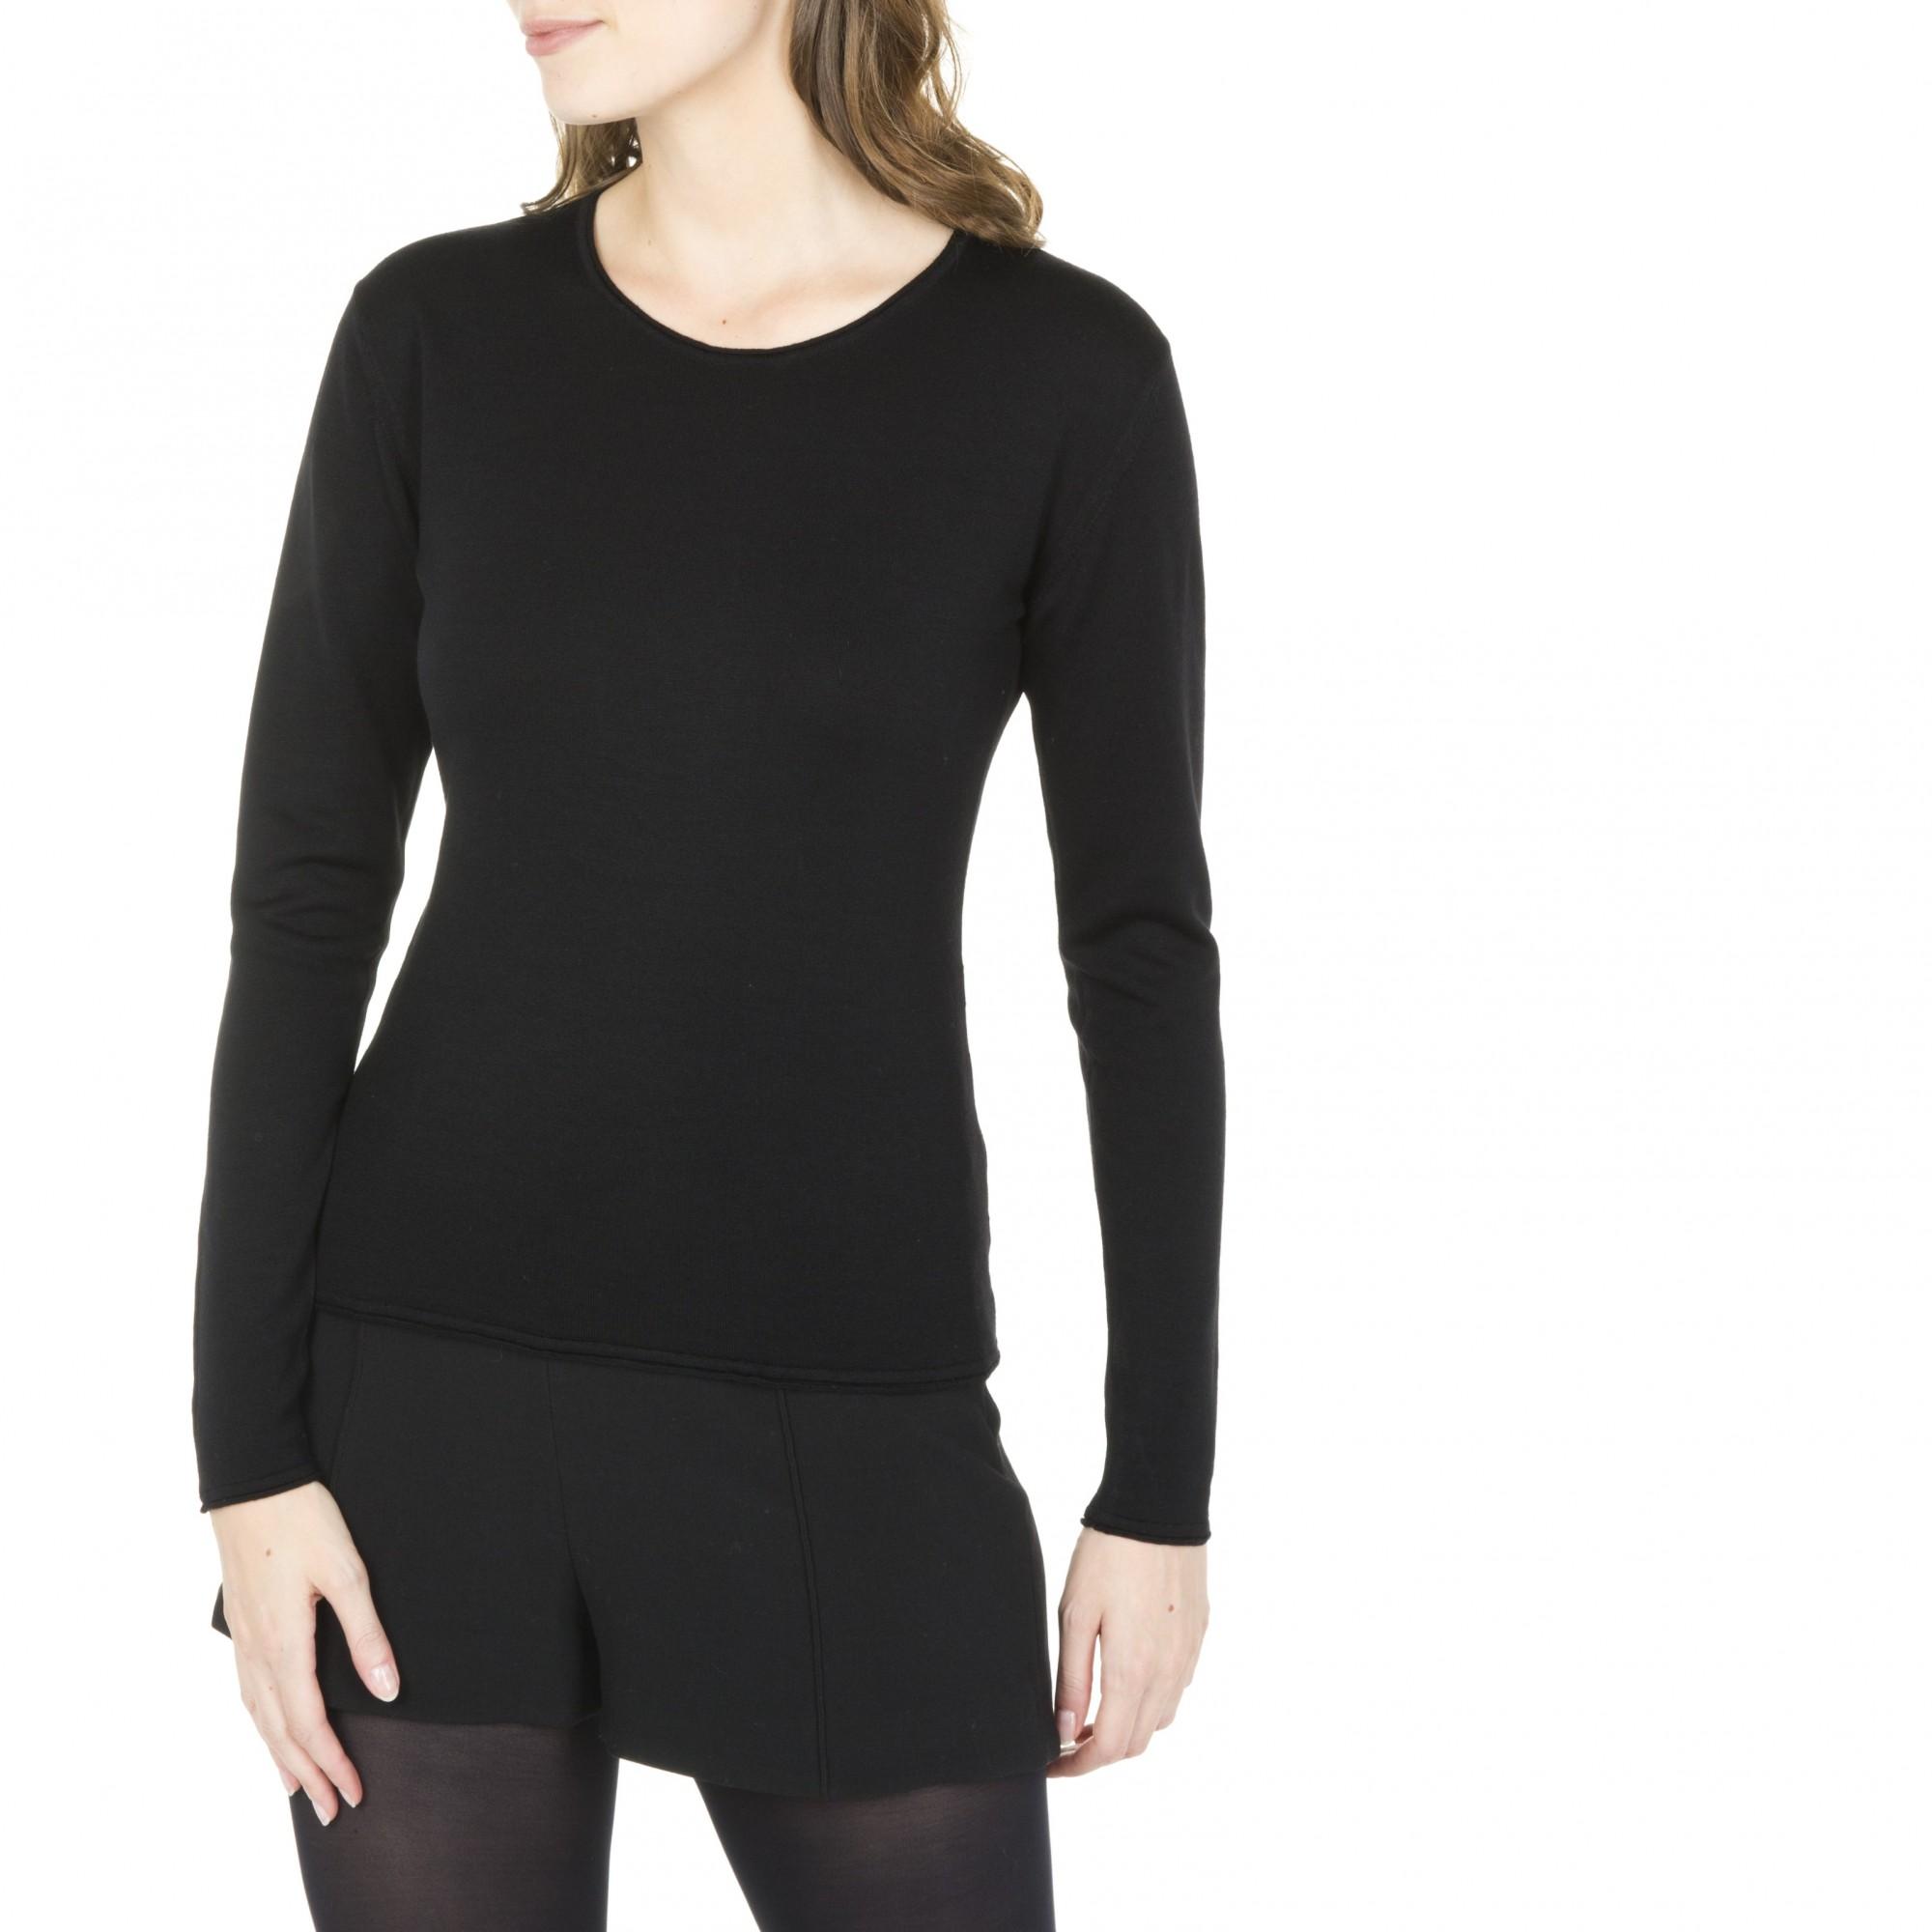 pull col rond en laine pour femme manches longues. Black Bedroom Furniture Sets. Home Design Ideas